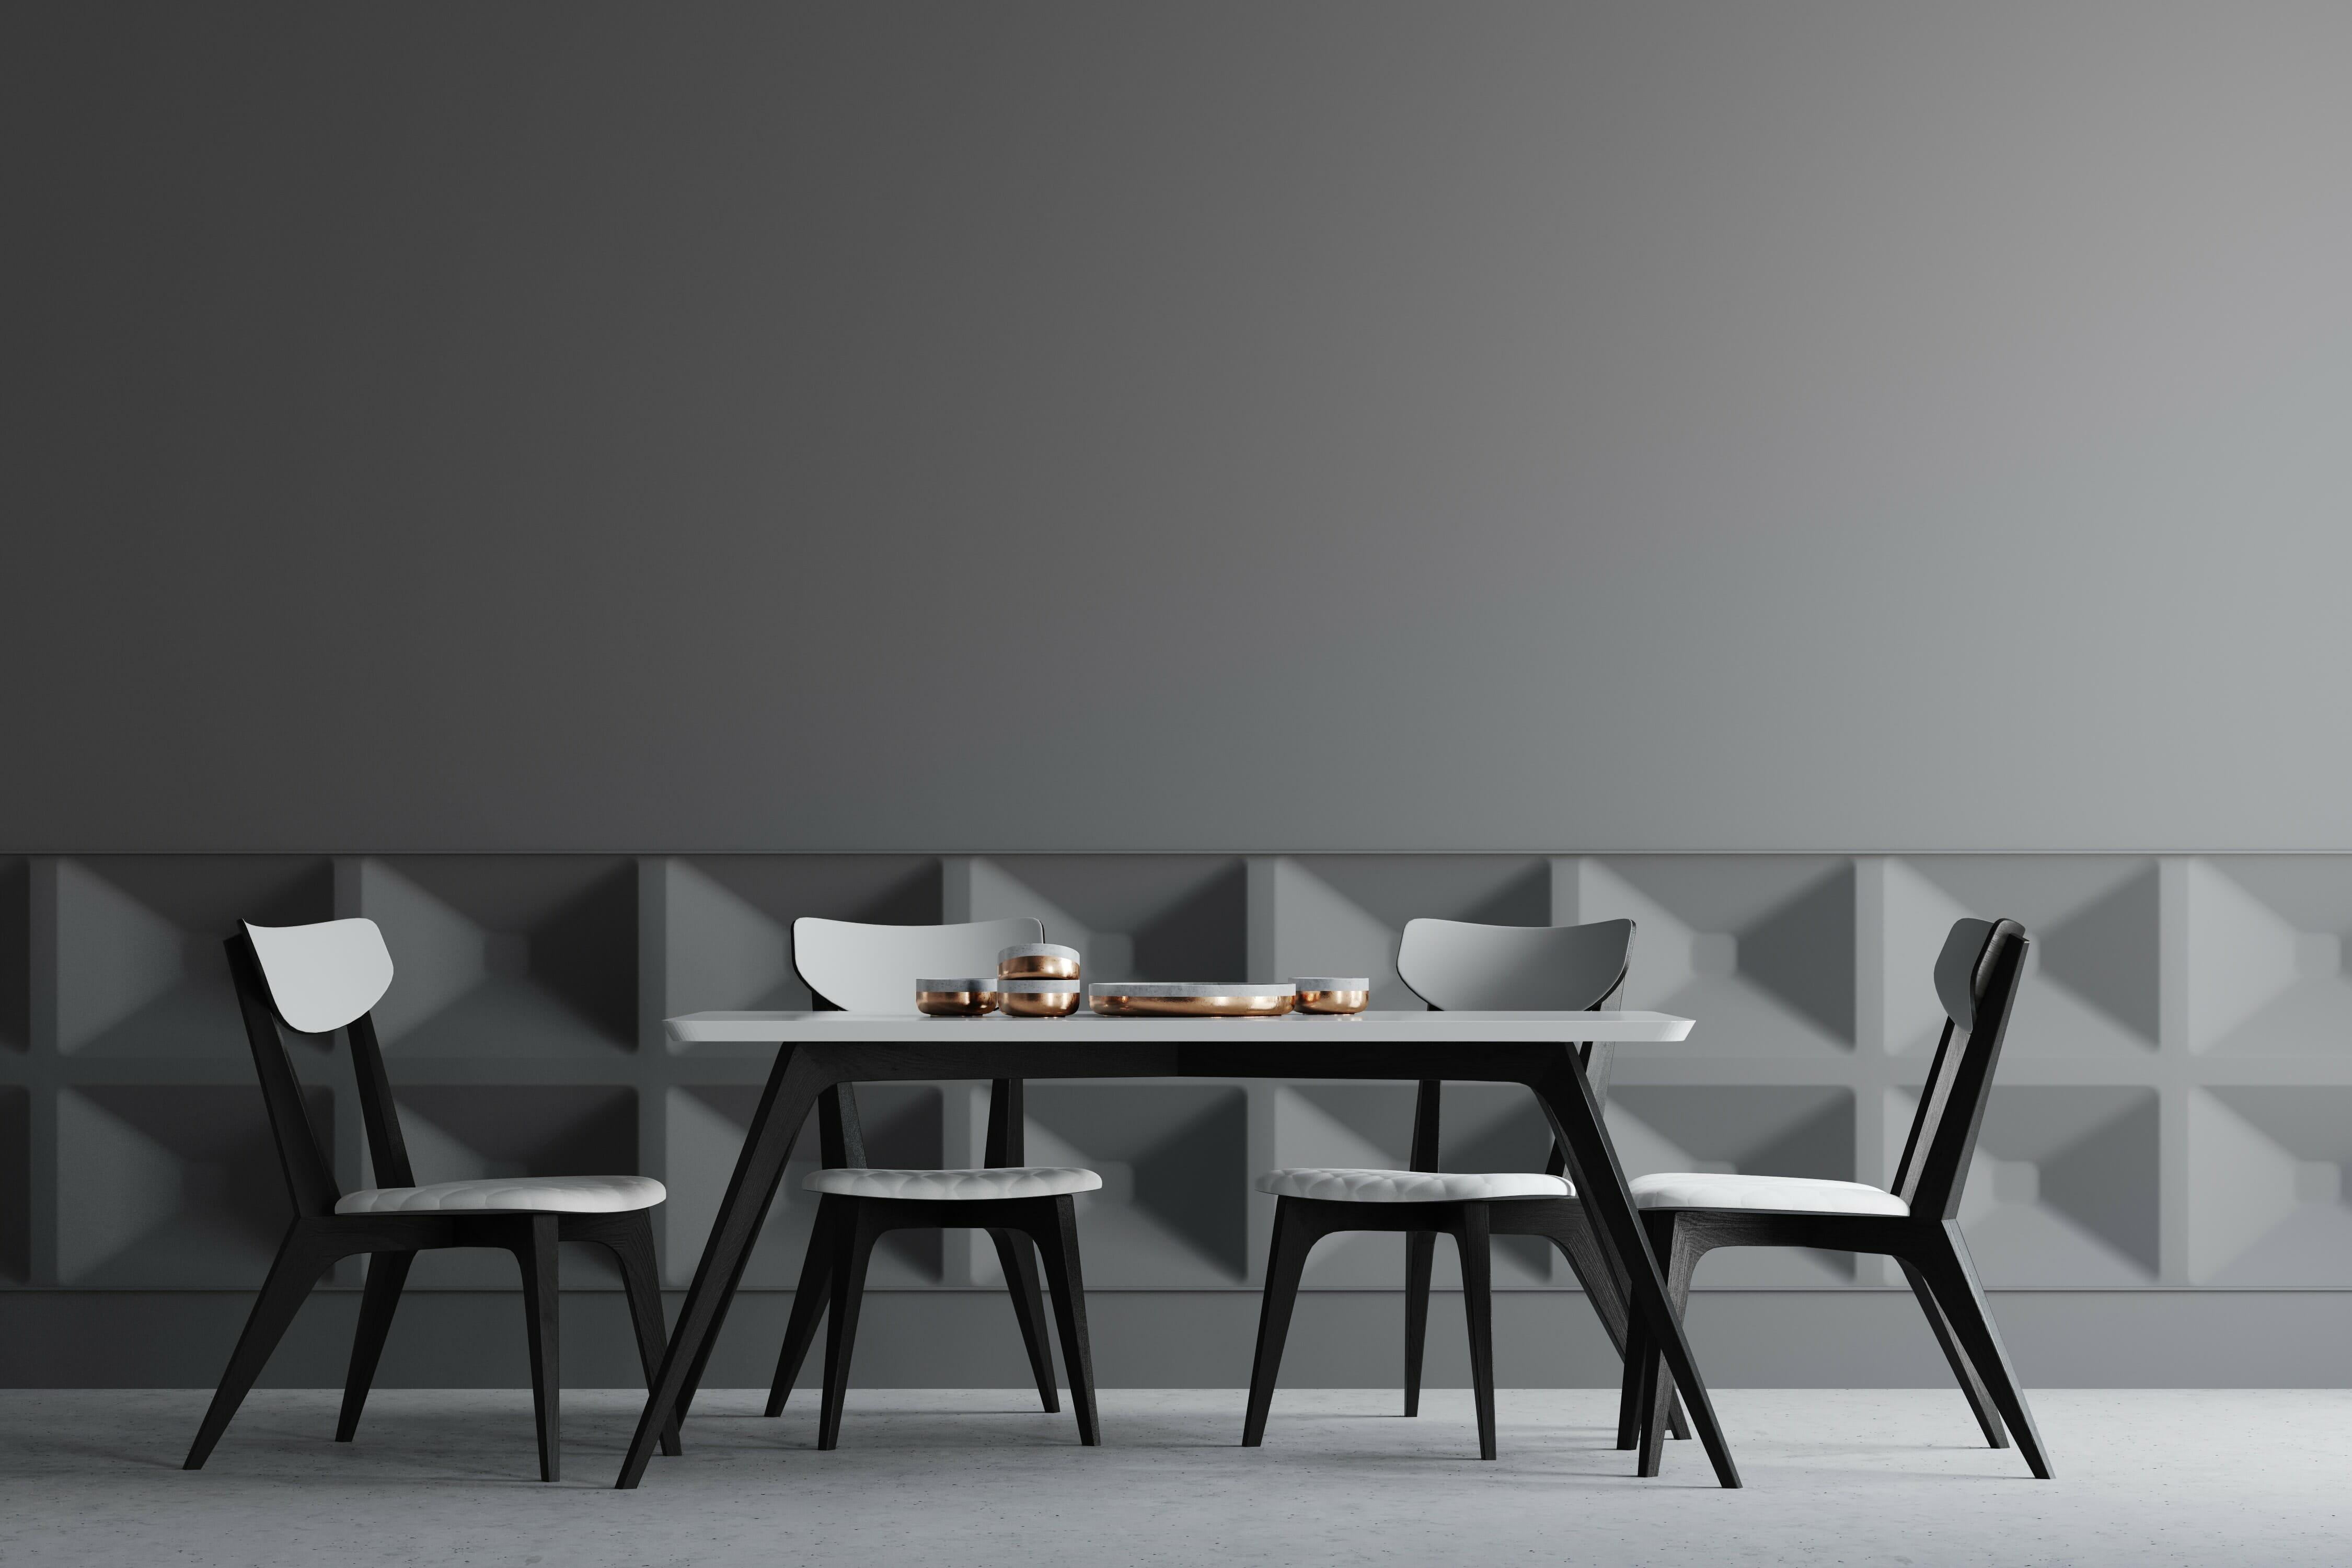 dunkle wandfarbe wirklich immer eine schlechte wahl 7roomz. Black Bedroom Furniture Sets. Home Design Ideas